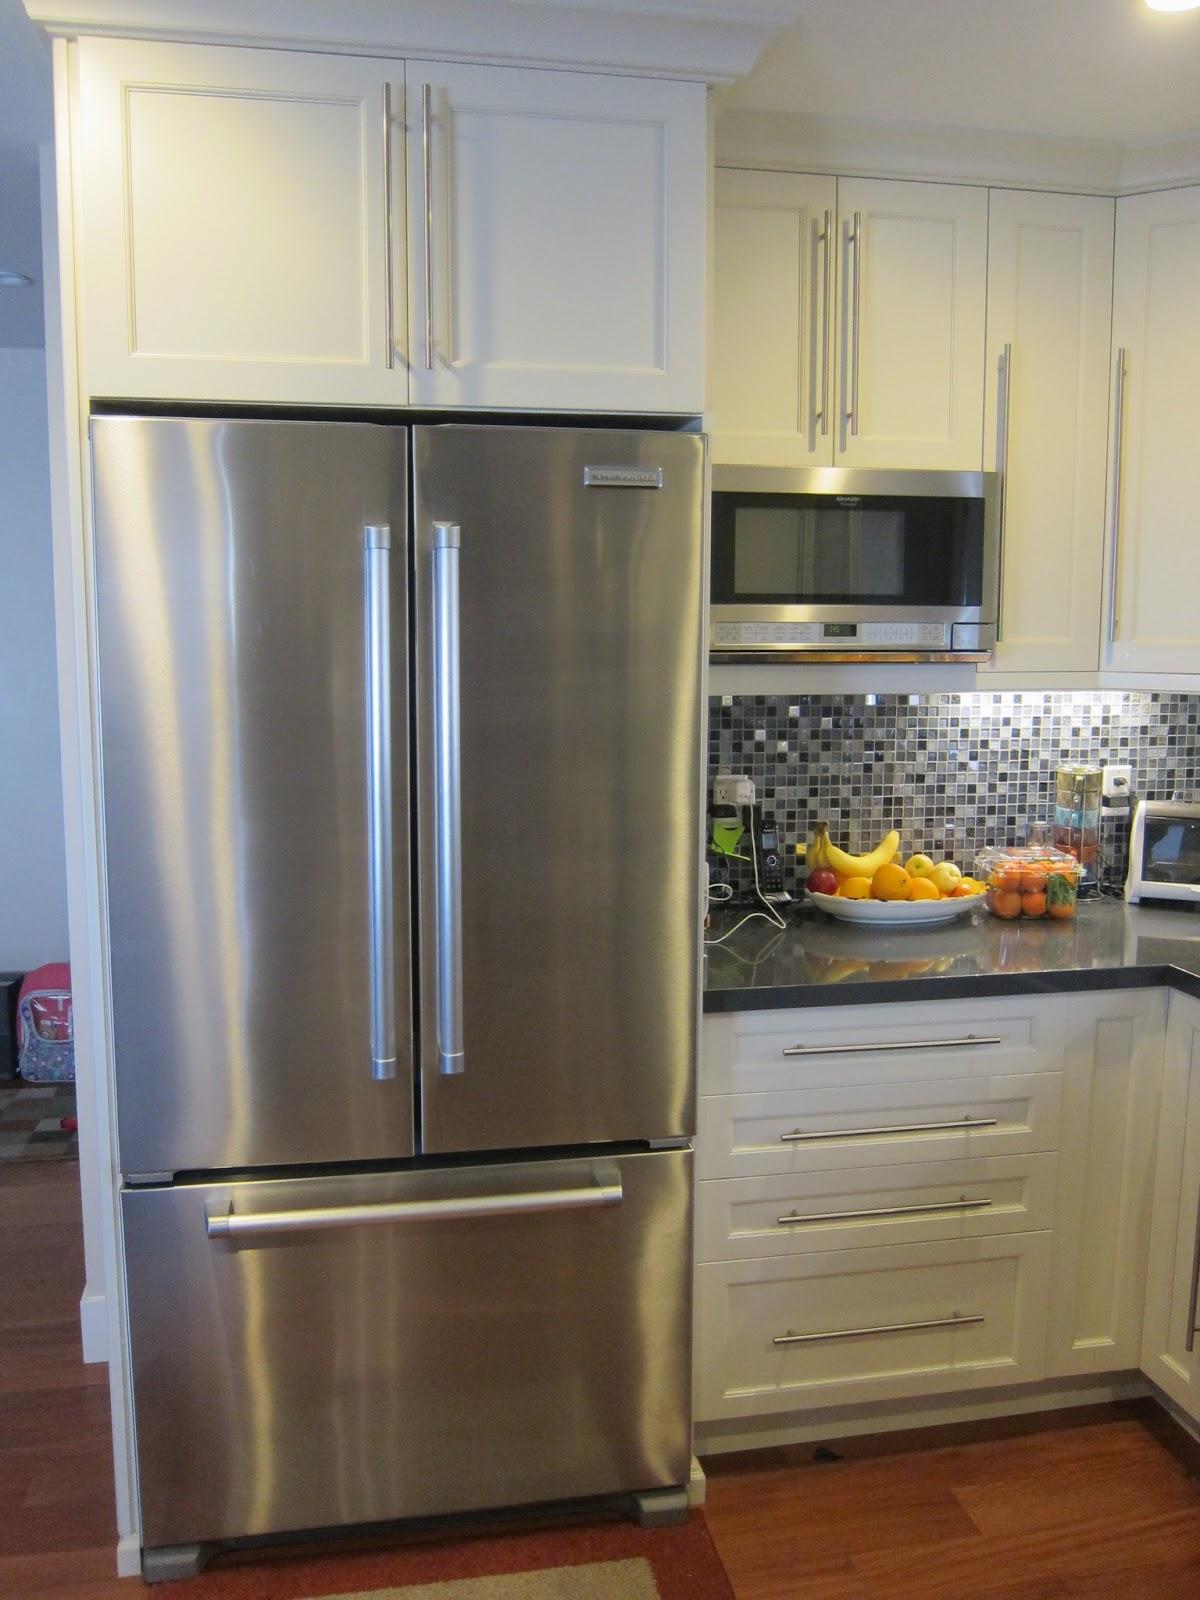 Stove Top Kitchen Cabinets : Hong bo hardware supply white kitchen cabinets quartz